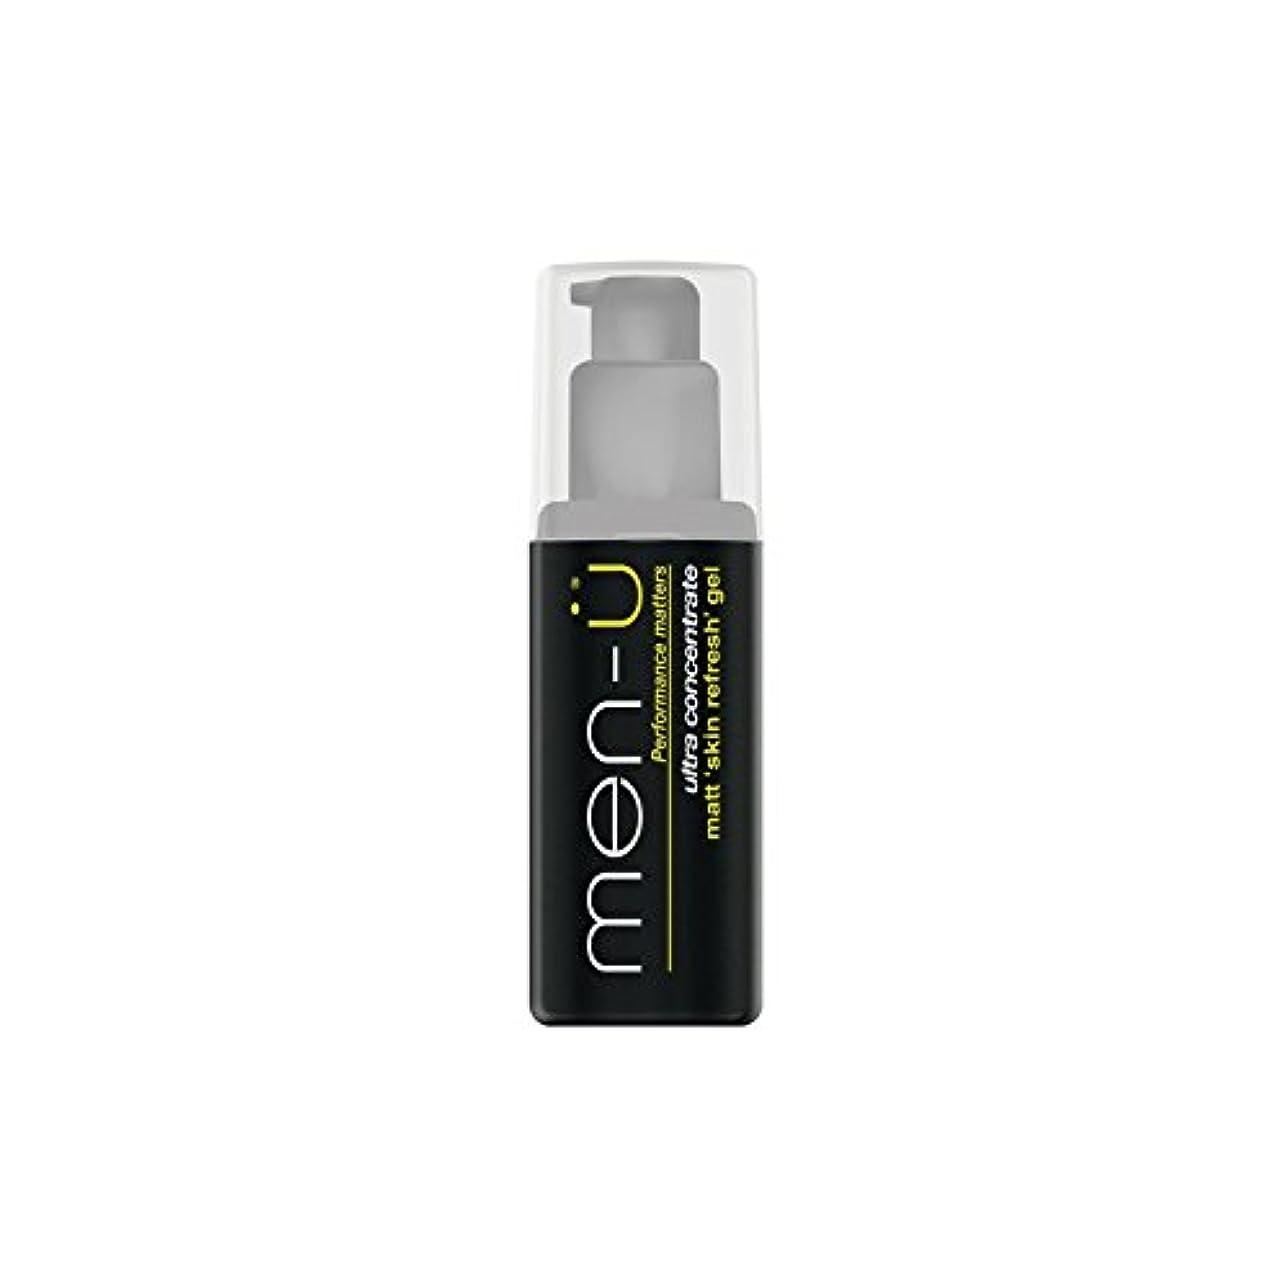 水銀のカセット縫い目Men-? Matt Skin Refresh Gel (100ml) (Pack of 6) - 男性-?マット肌のリフレッシュジェル(100)に x6 [並行輸入品]